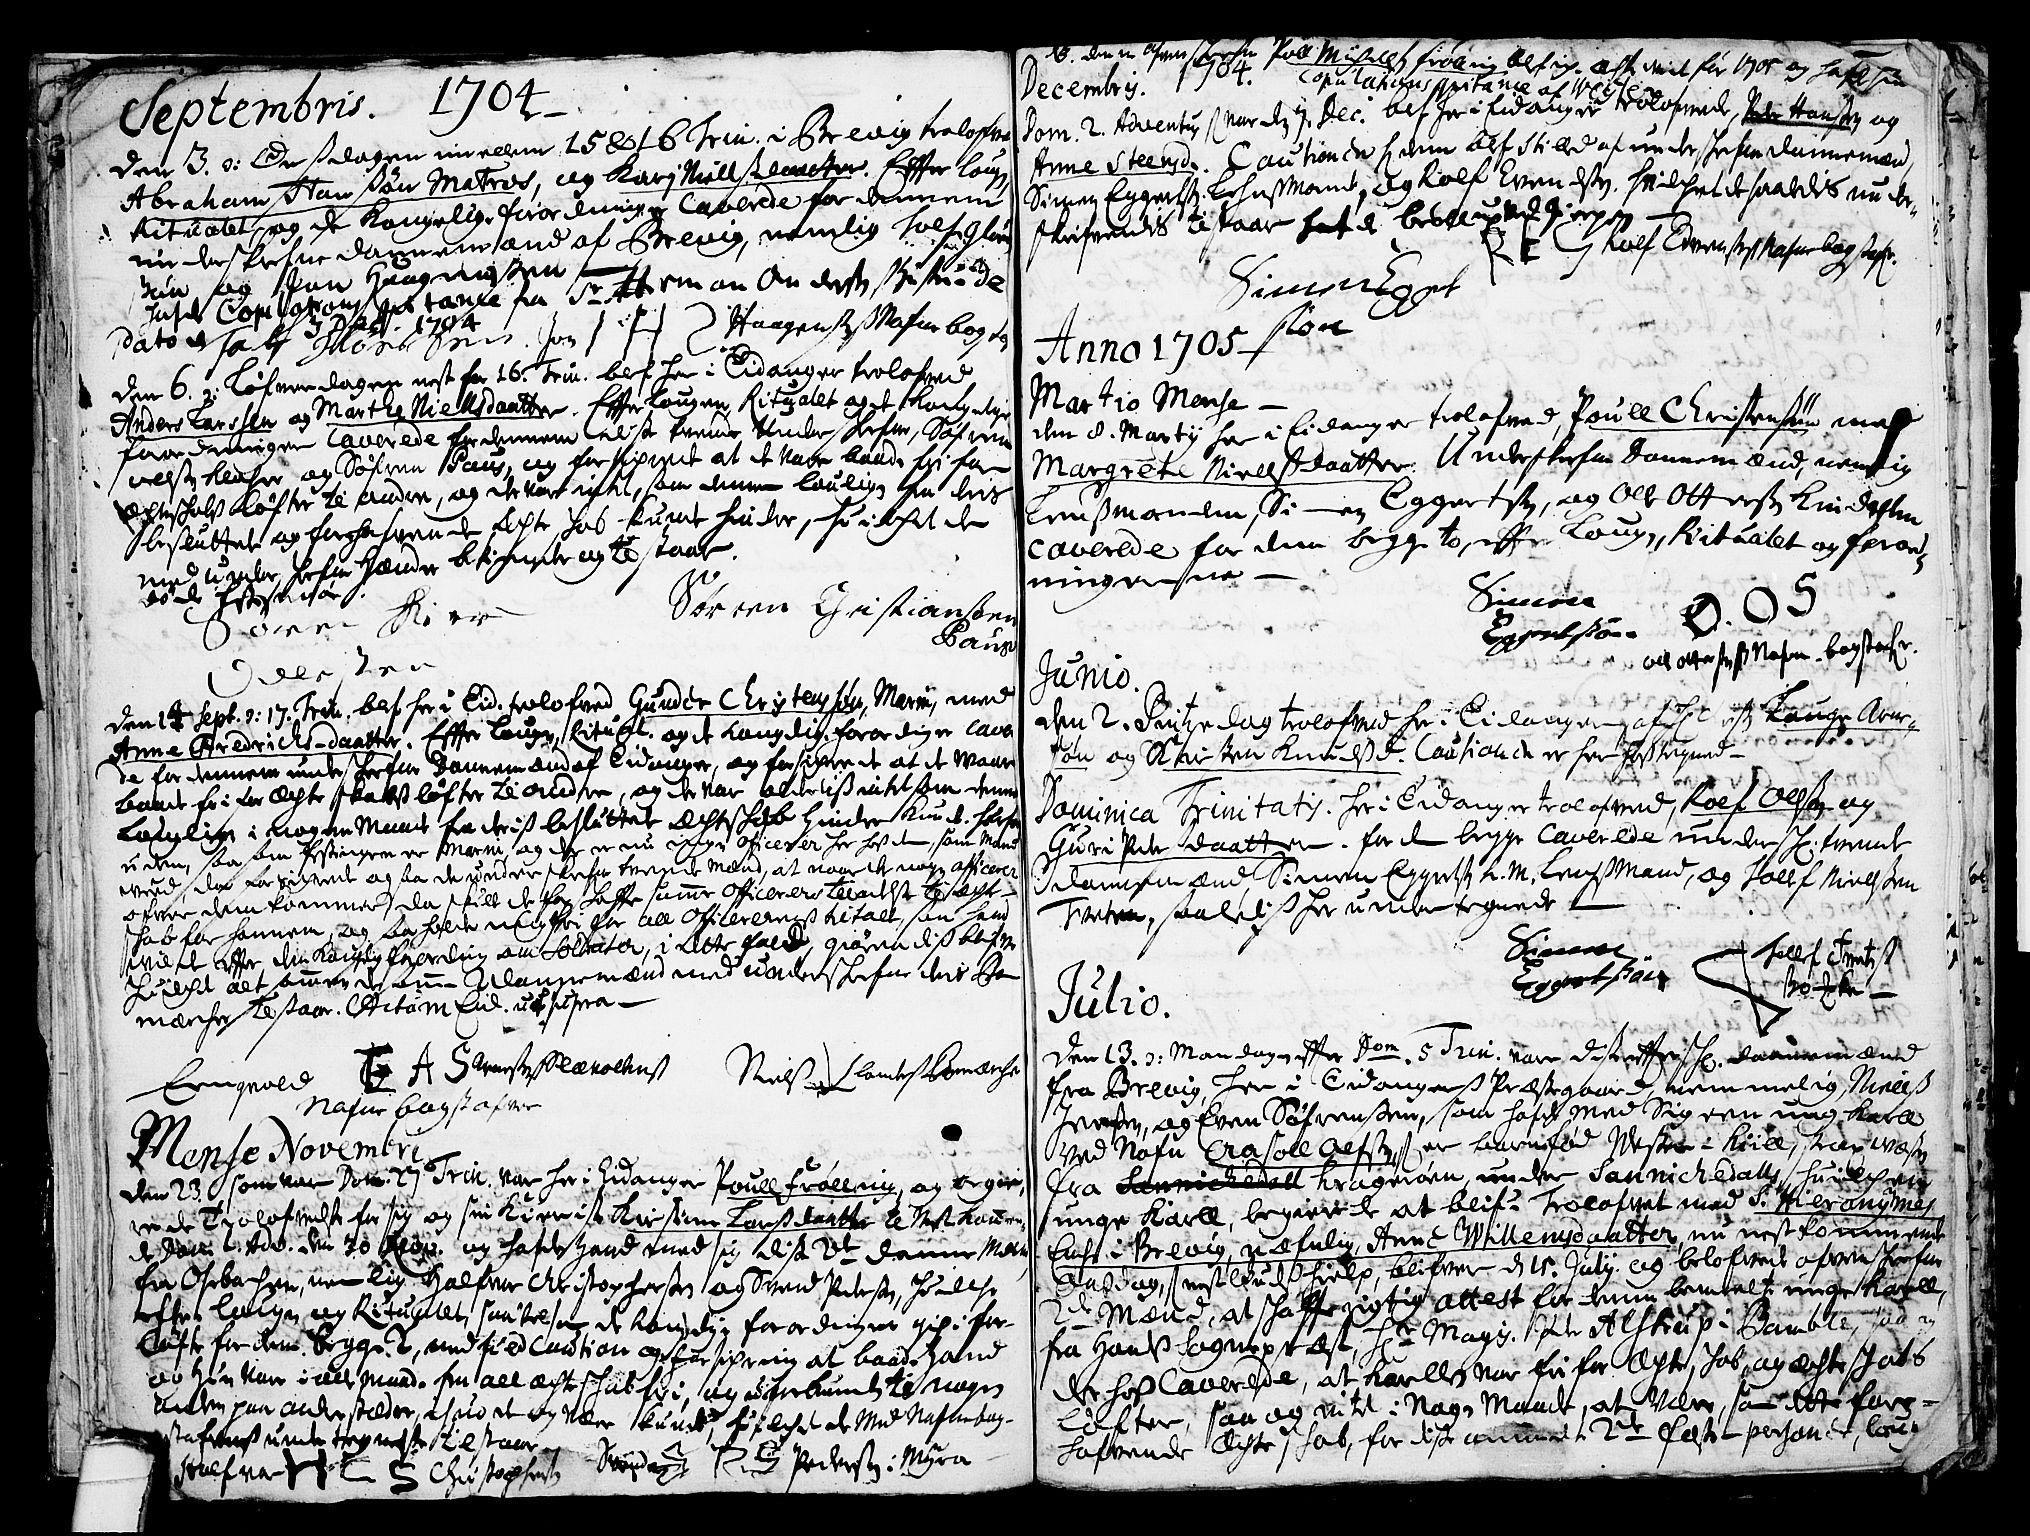 SAKO, Eidanger kirkebøker, F/Fa/L0001: Ministerialbok nr. 1, 1695-1717, s. 23